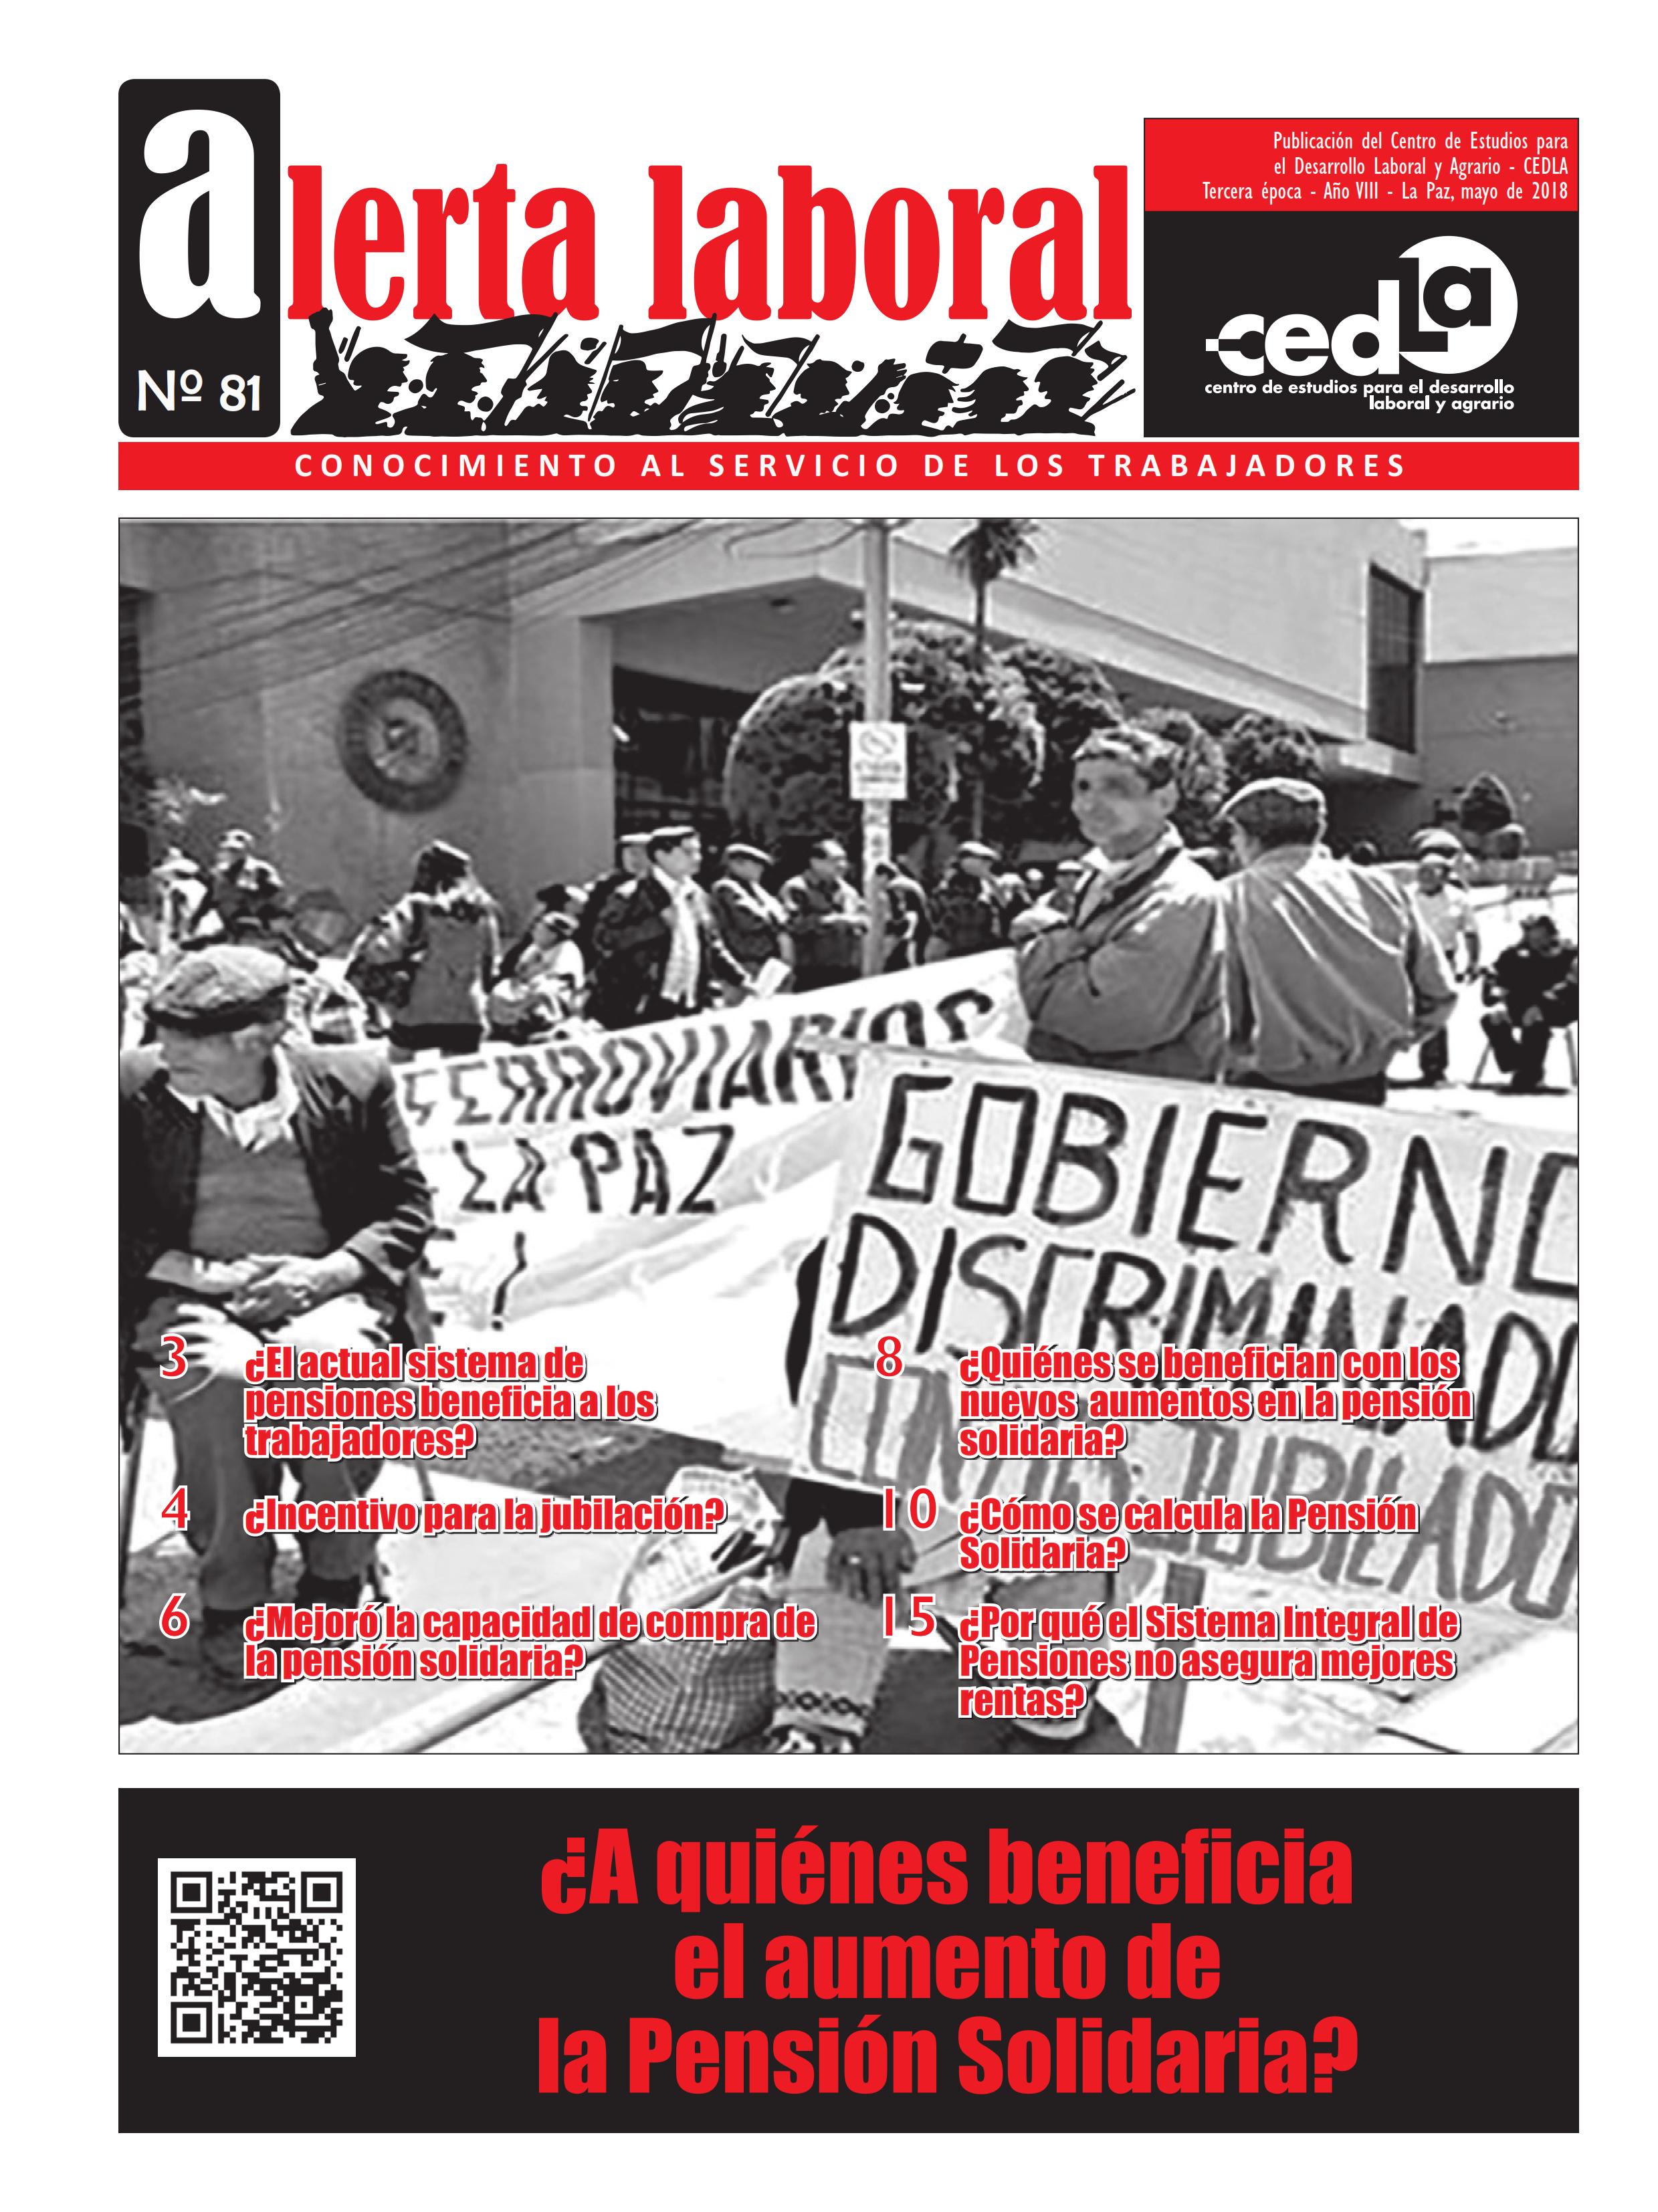 alerta_laboral_81_a_quienes_beneficia_aumento_pension_solidaria_001.png